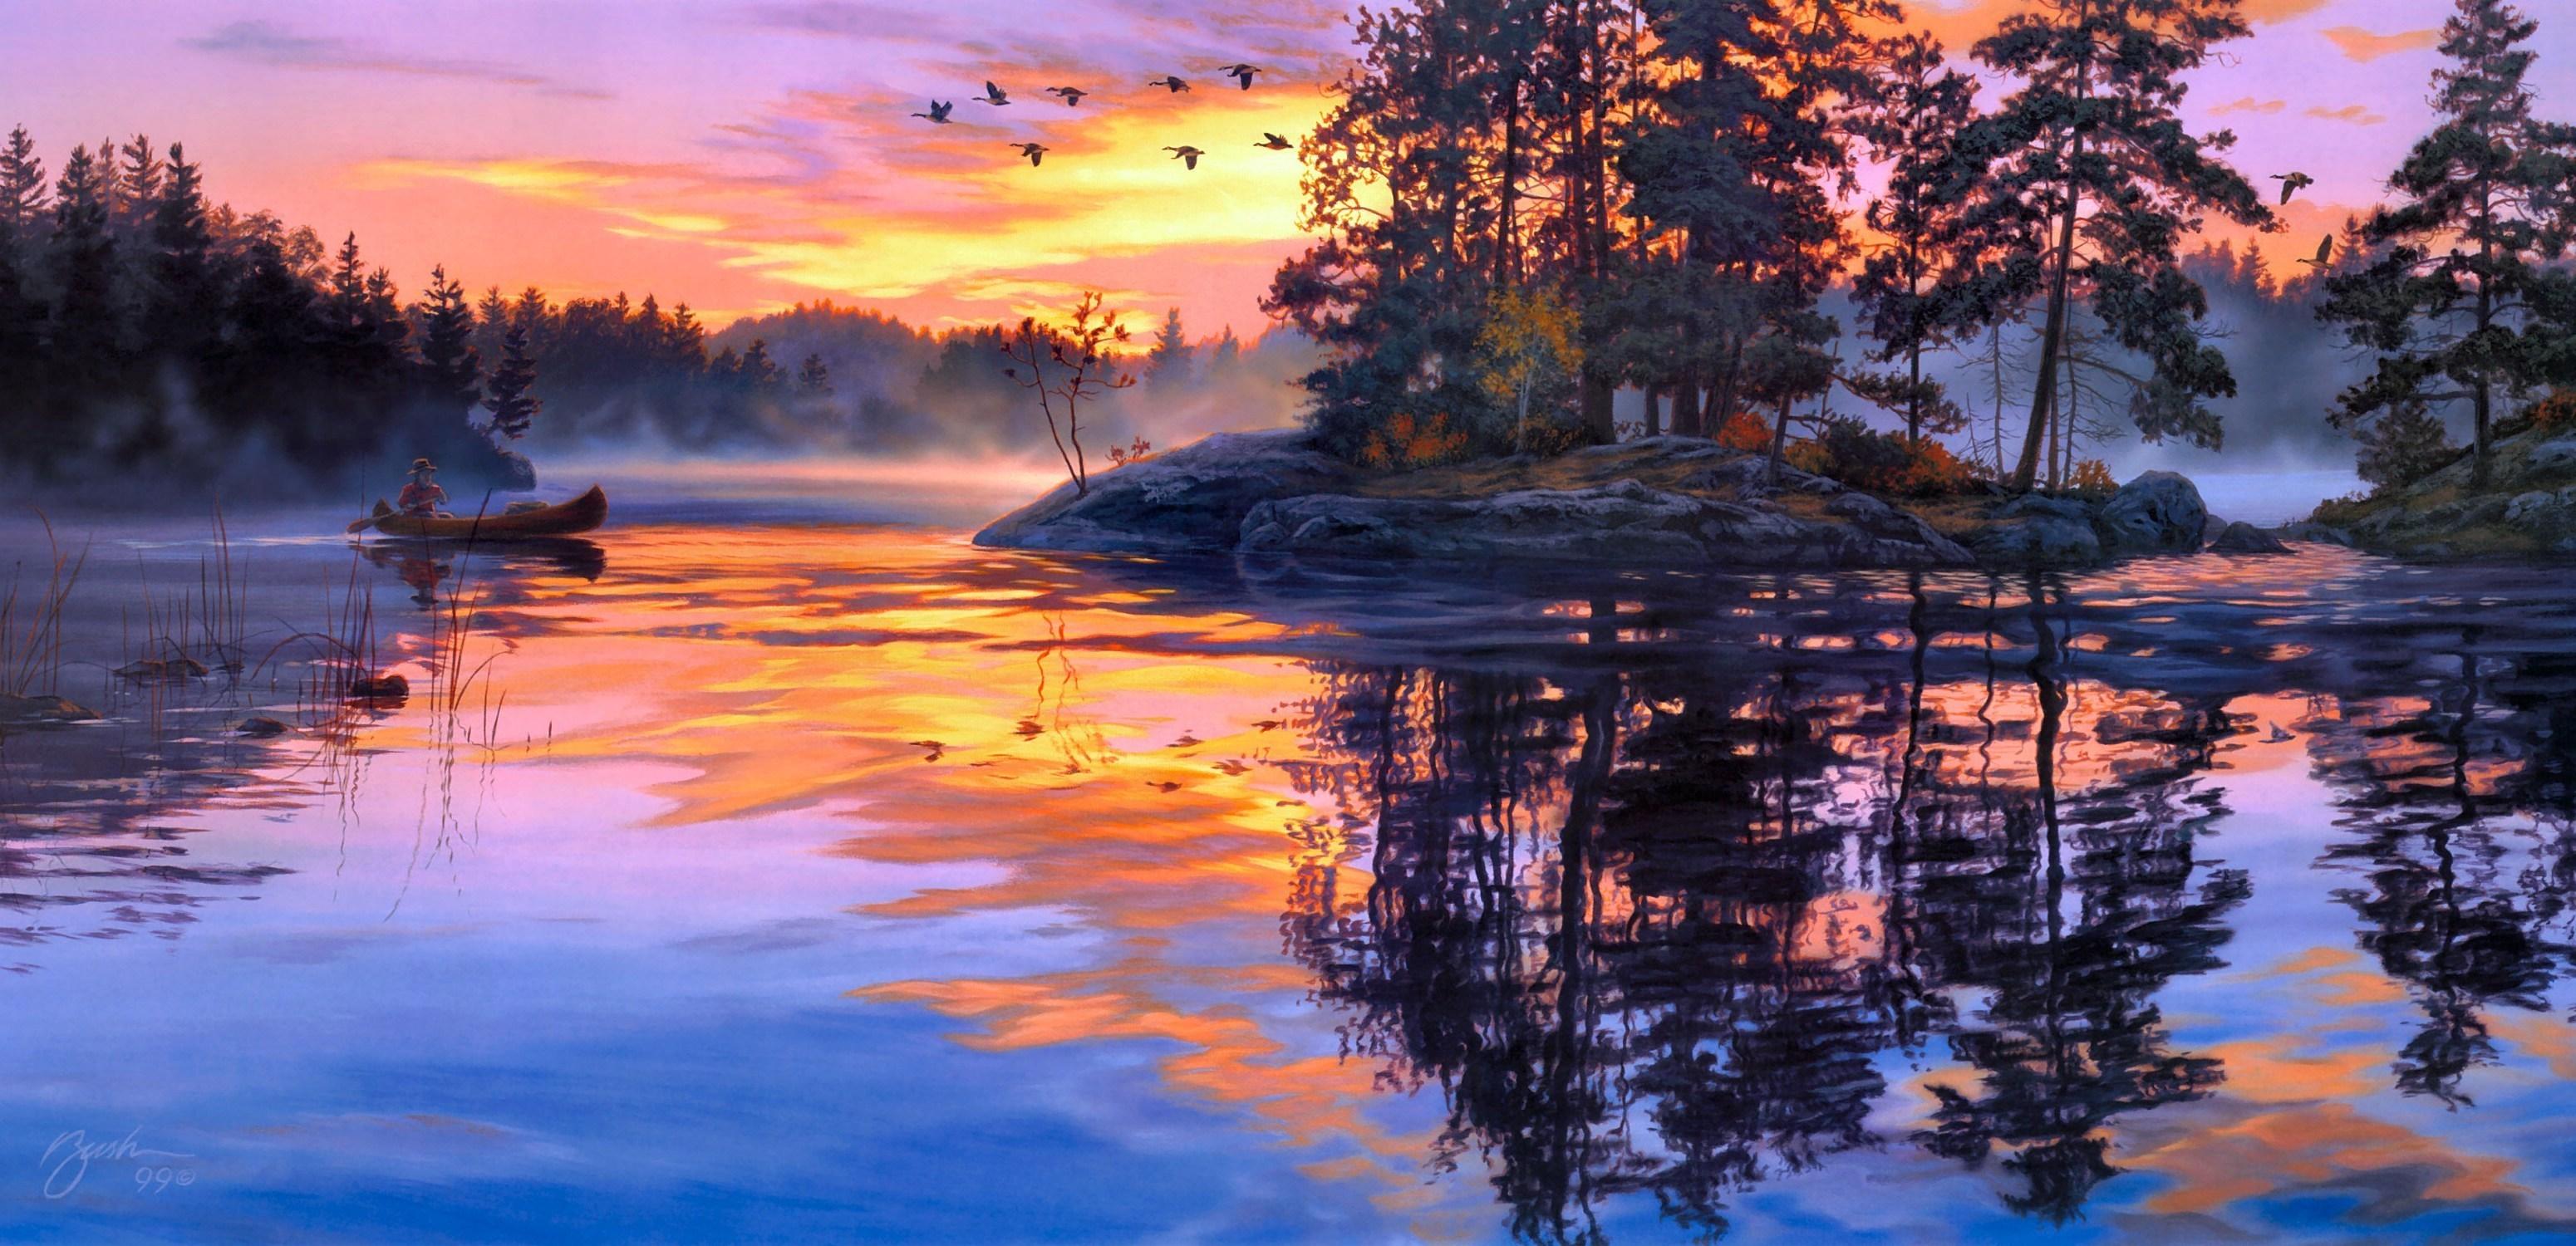 Озеро горное городок рассвет скачать